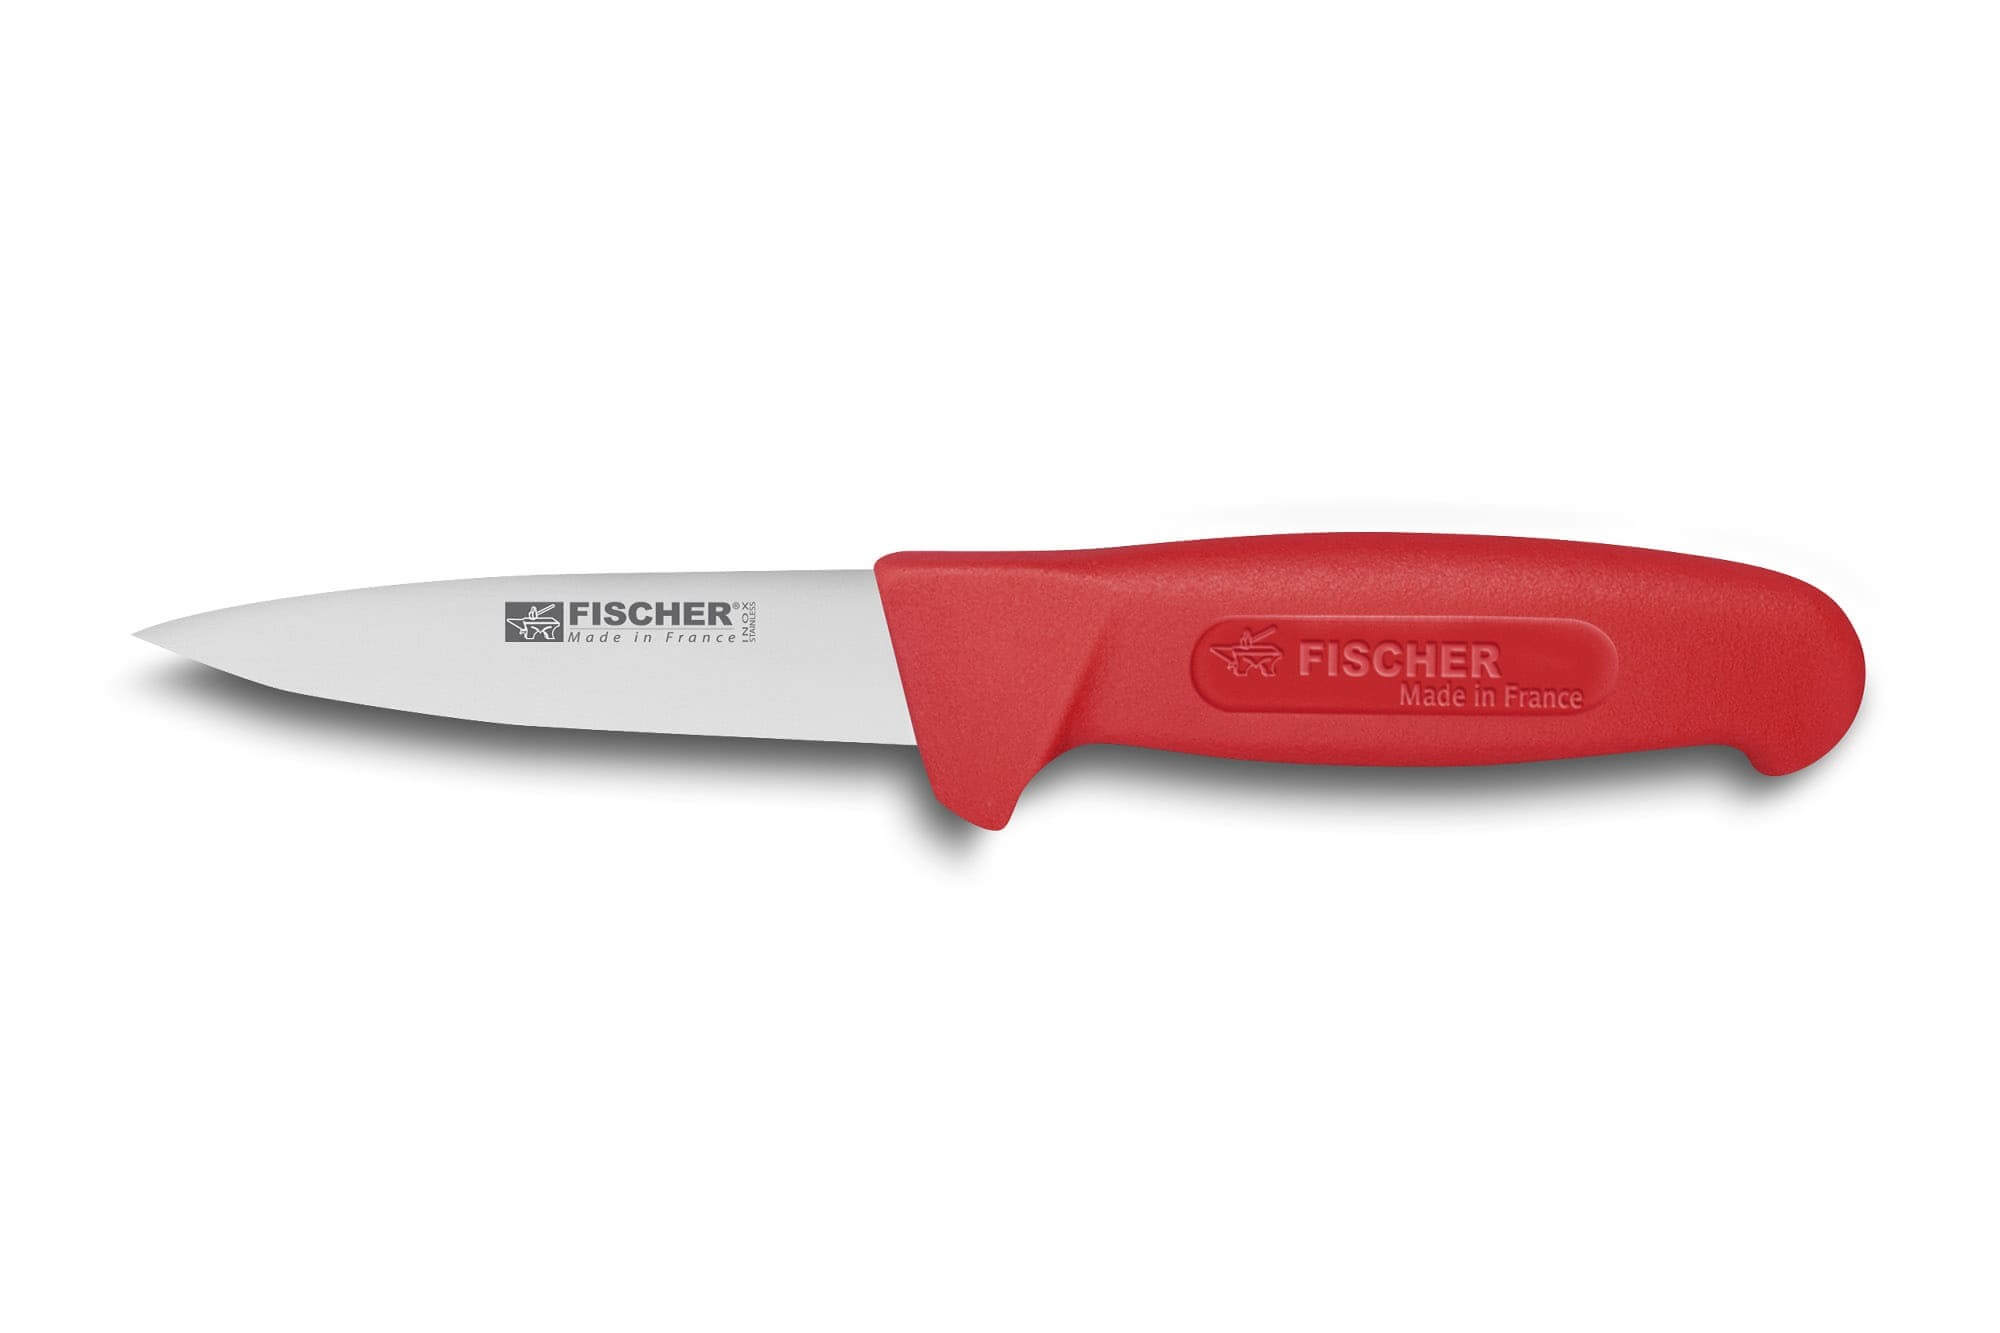 Solide Rigide couverts Présentation Boîte Cadeau-pour couteaux etc